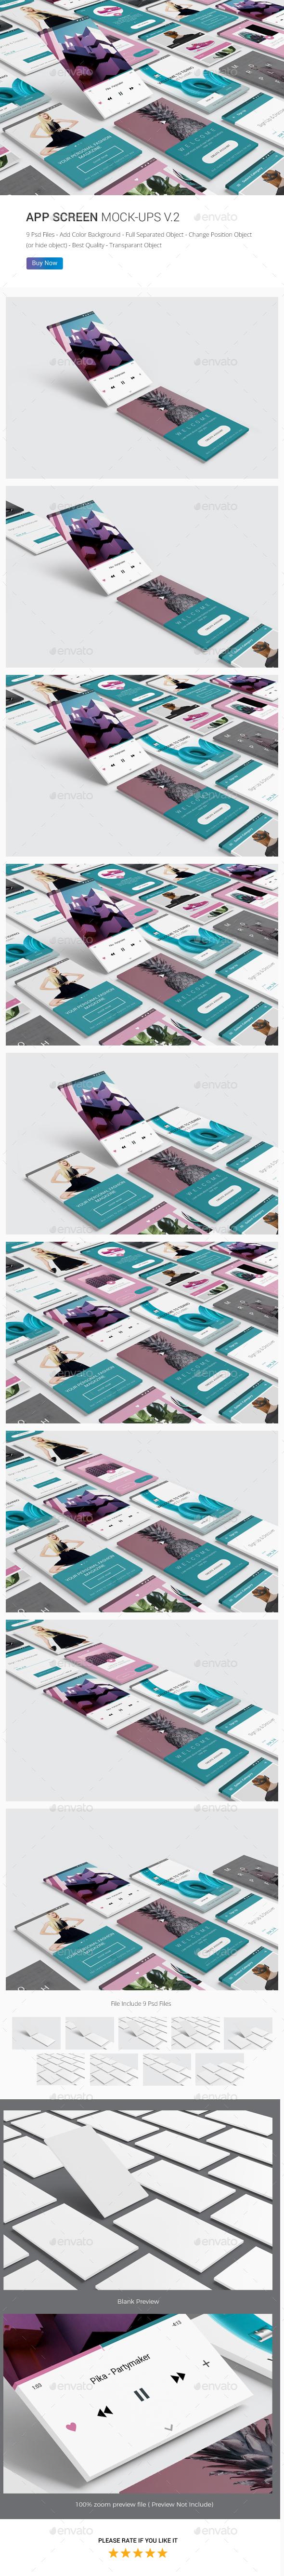 iPhone Screen / UI / App Screen Mockup V.2 - Mobile Displays